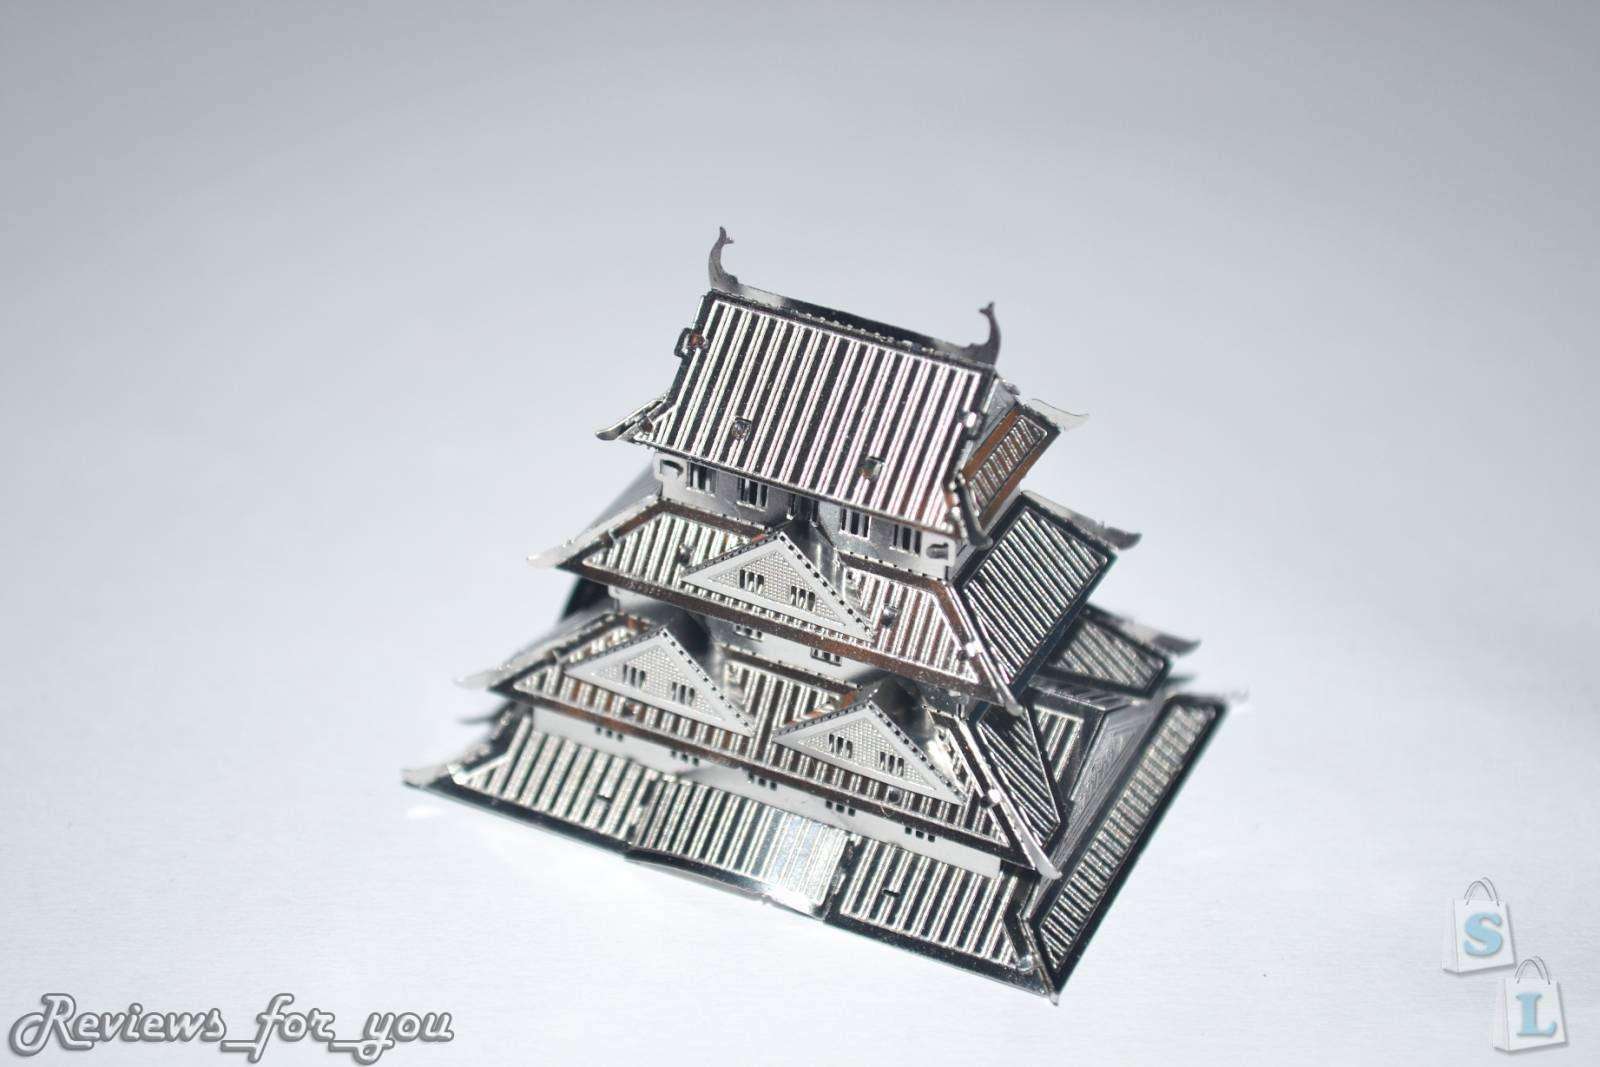 ChinaBuye: Металлический 3D пазл - 'Замок Химэдзи', Himeji Castle 3D Metallic Nano Puzzle